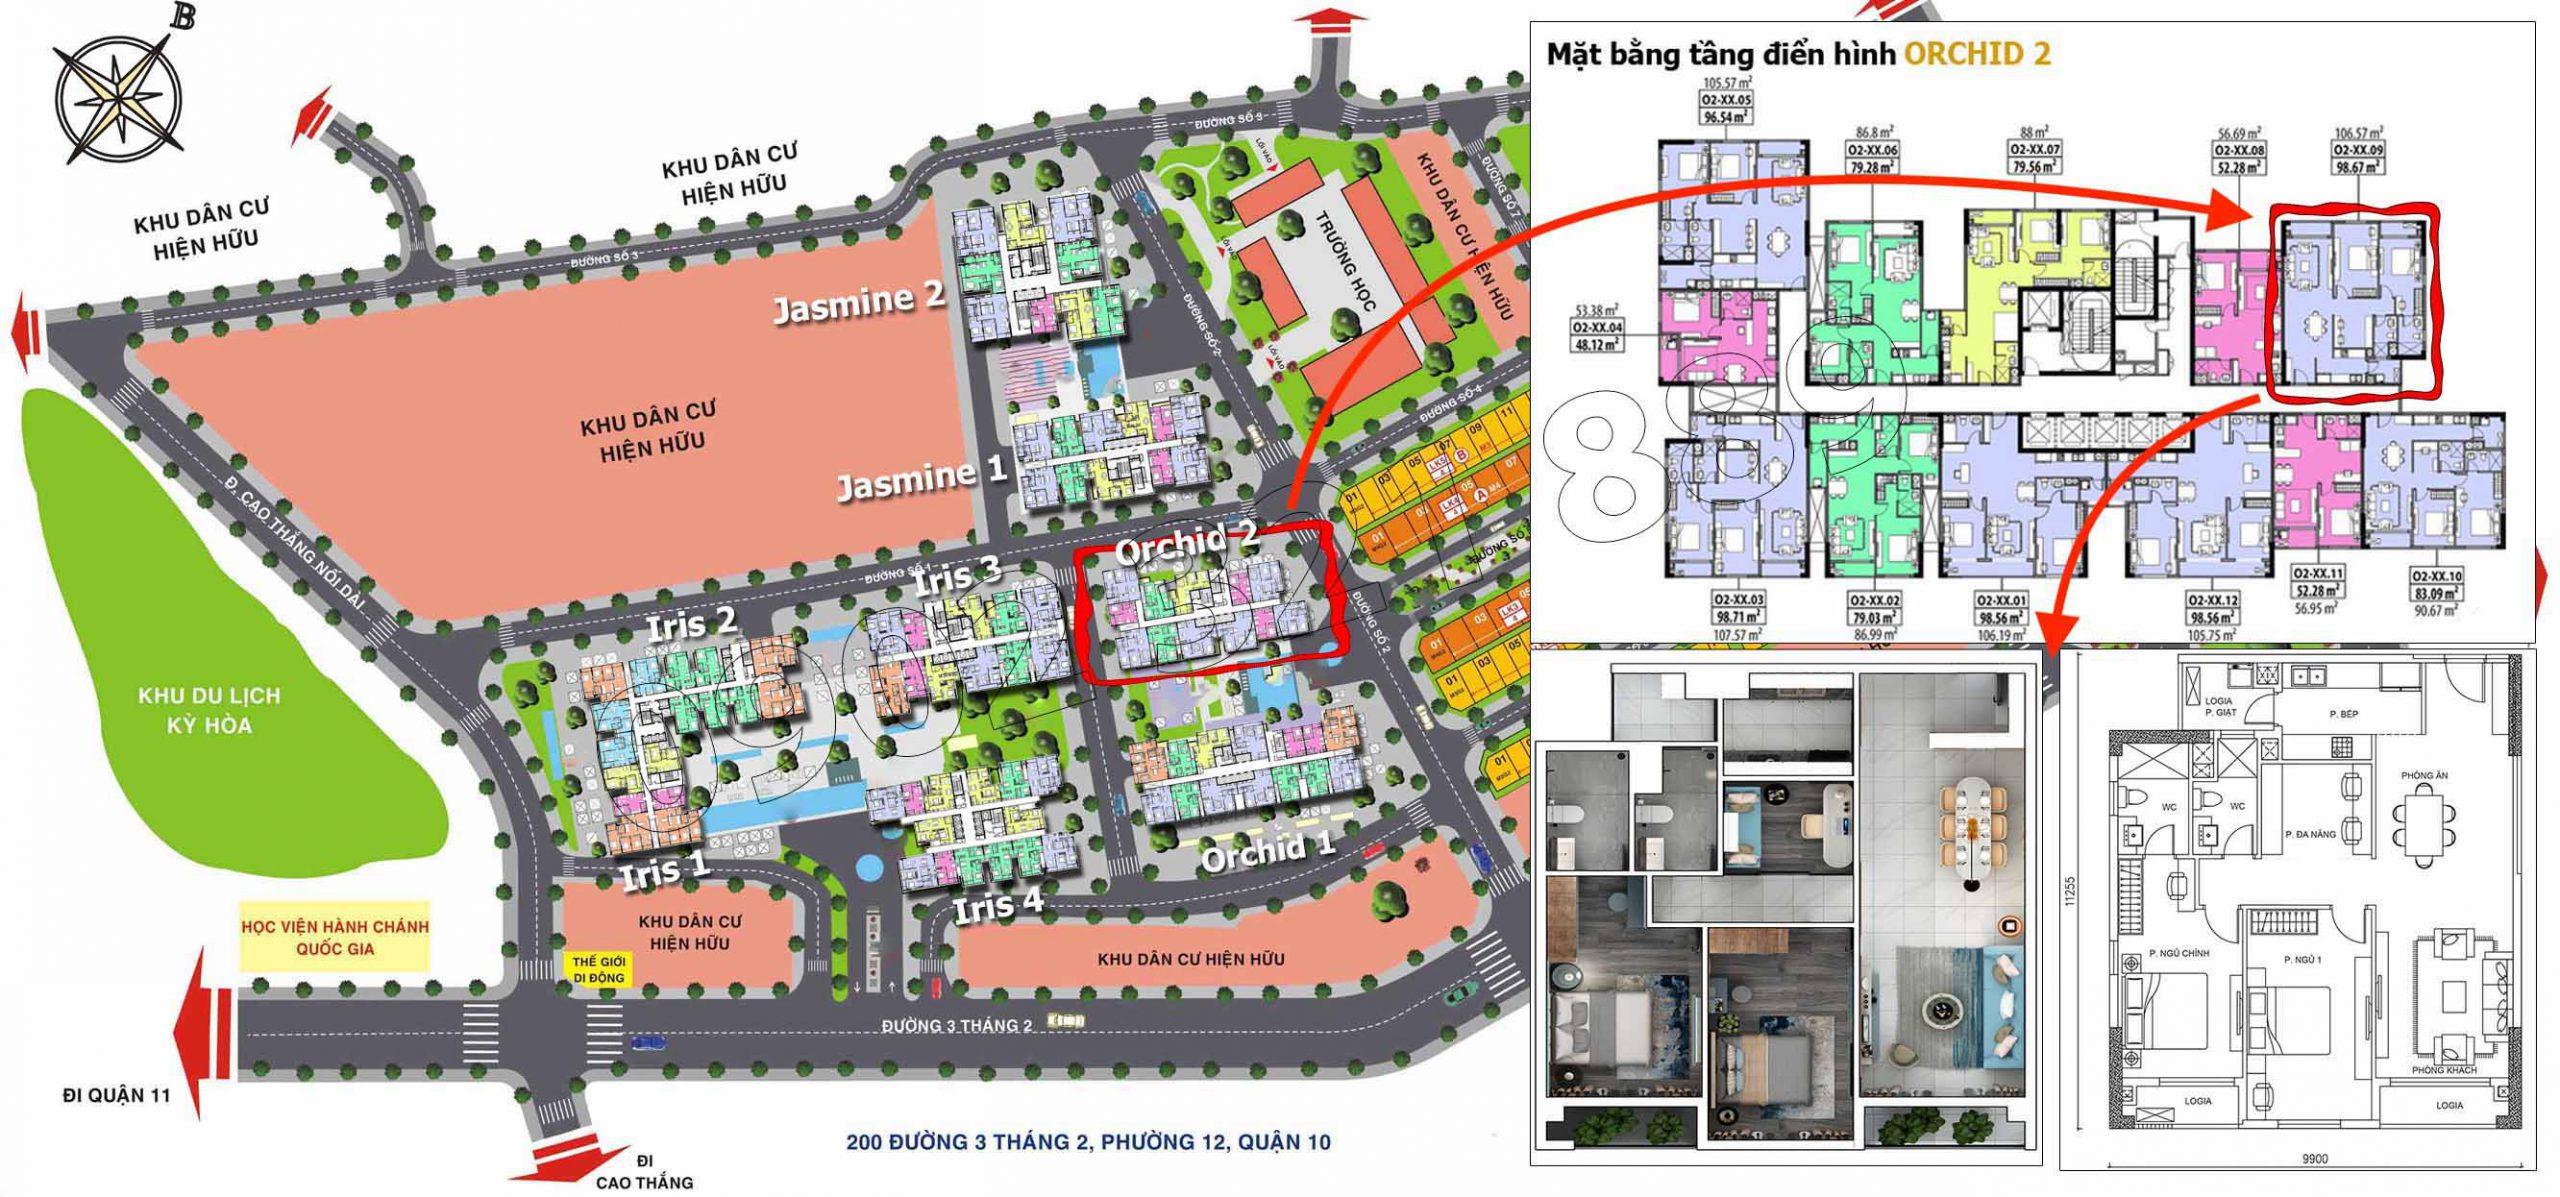 Vị trí căn hộ Hado Centrosa tòa Orchid 2 (căn 09), diện tích 106m2 thiết kế 2 phòng ngủ plus.